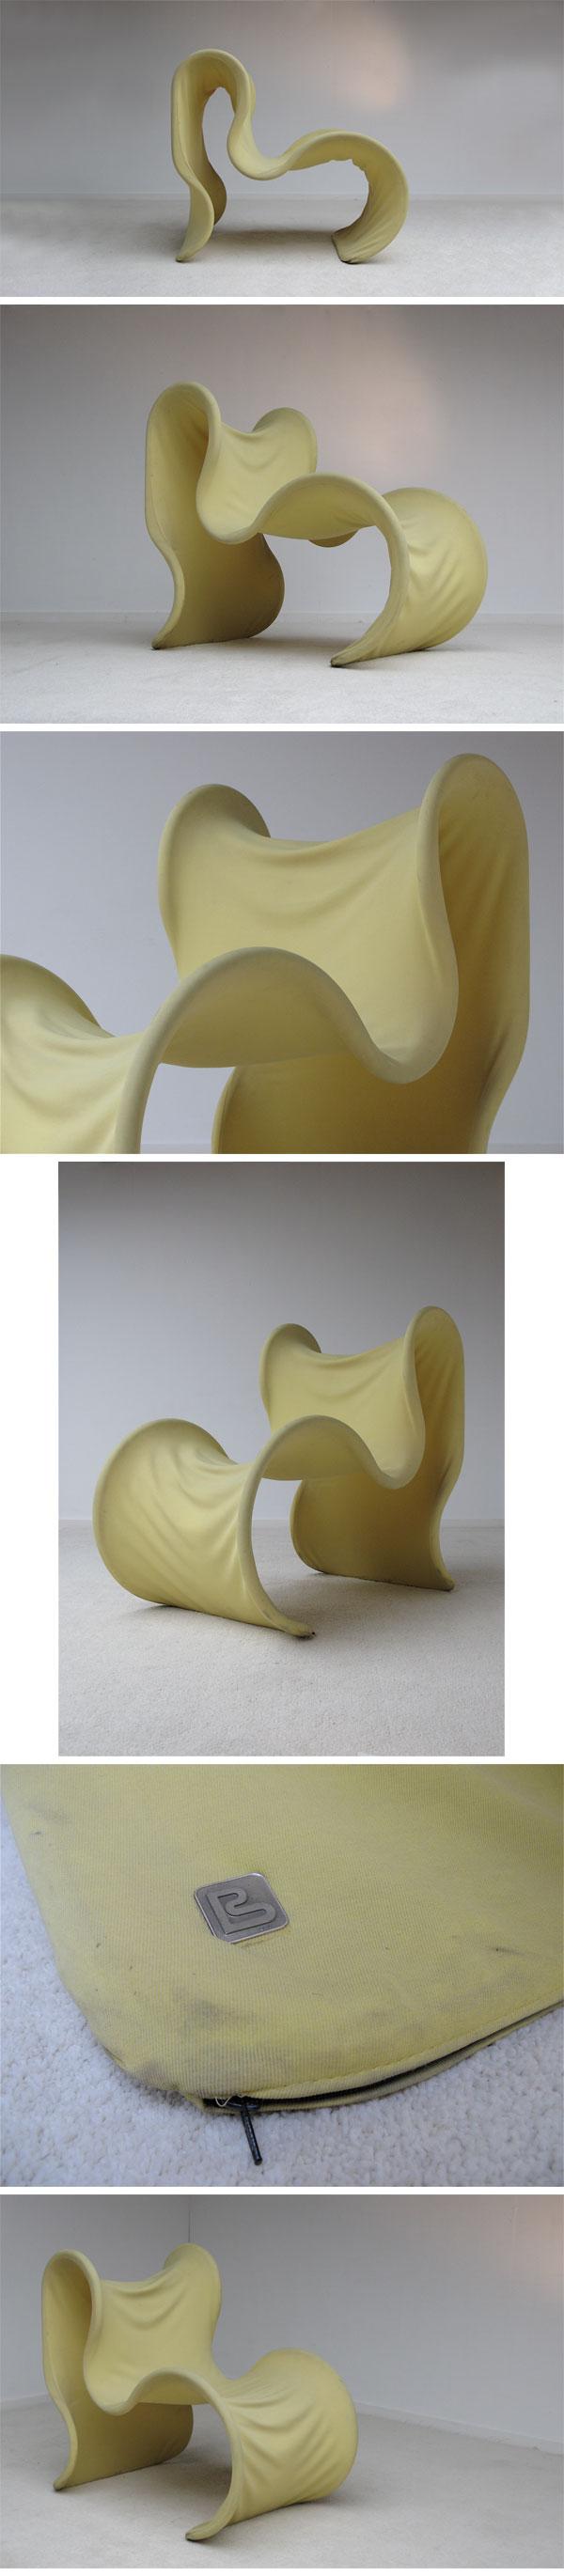 Rare, 1970, Gruppo, 14, Fiocco, chair, Gruppo, Industriale, Busnelli